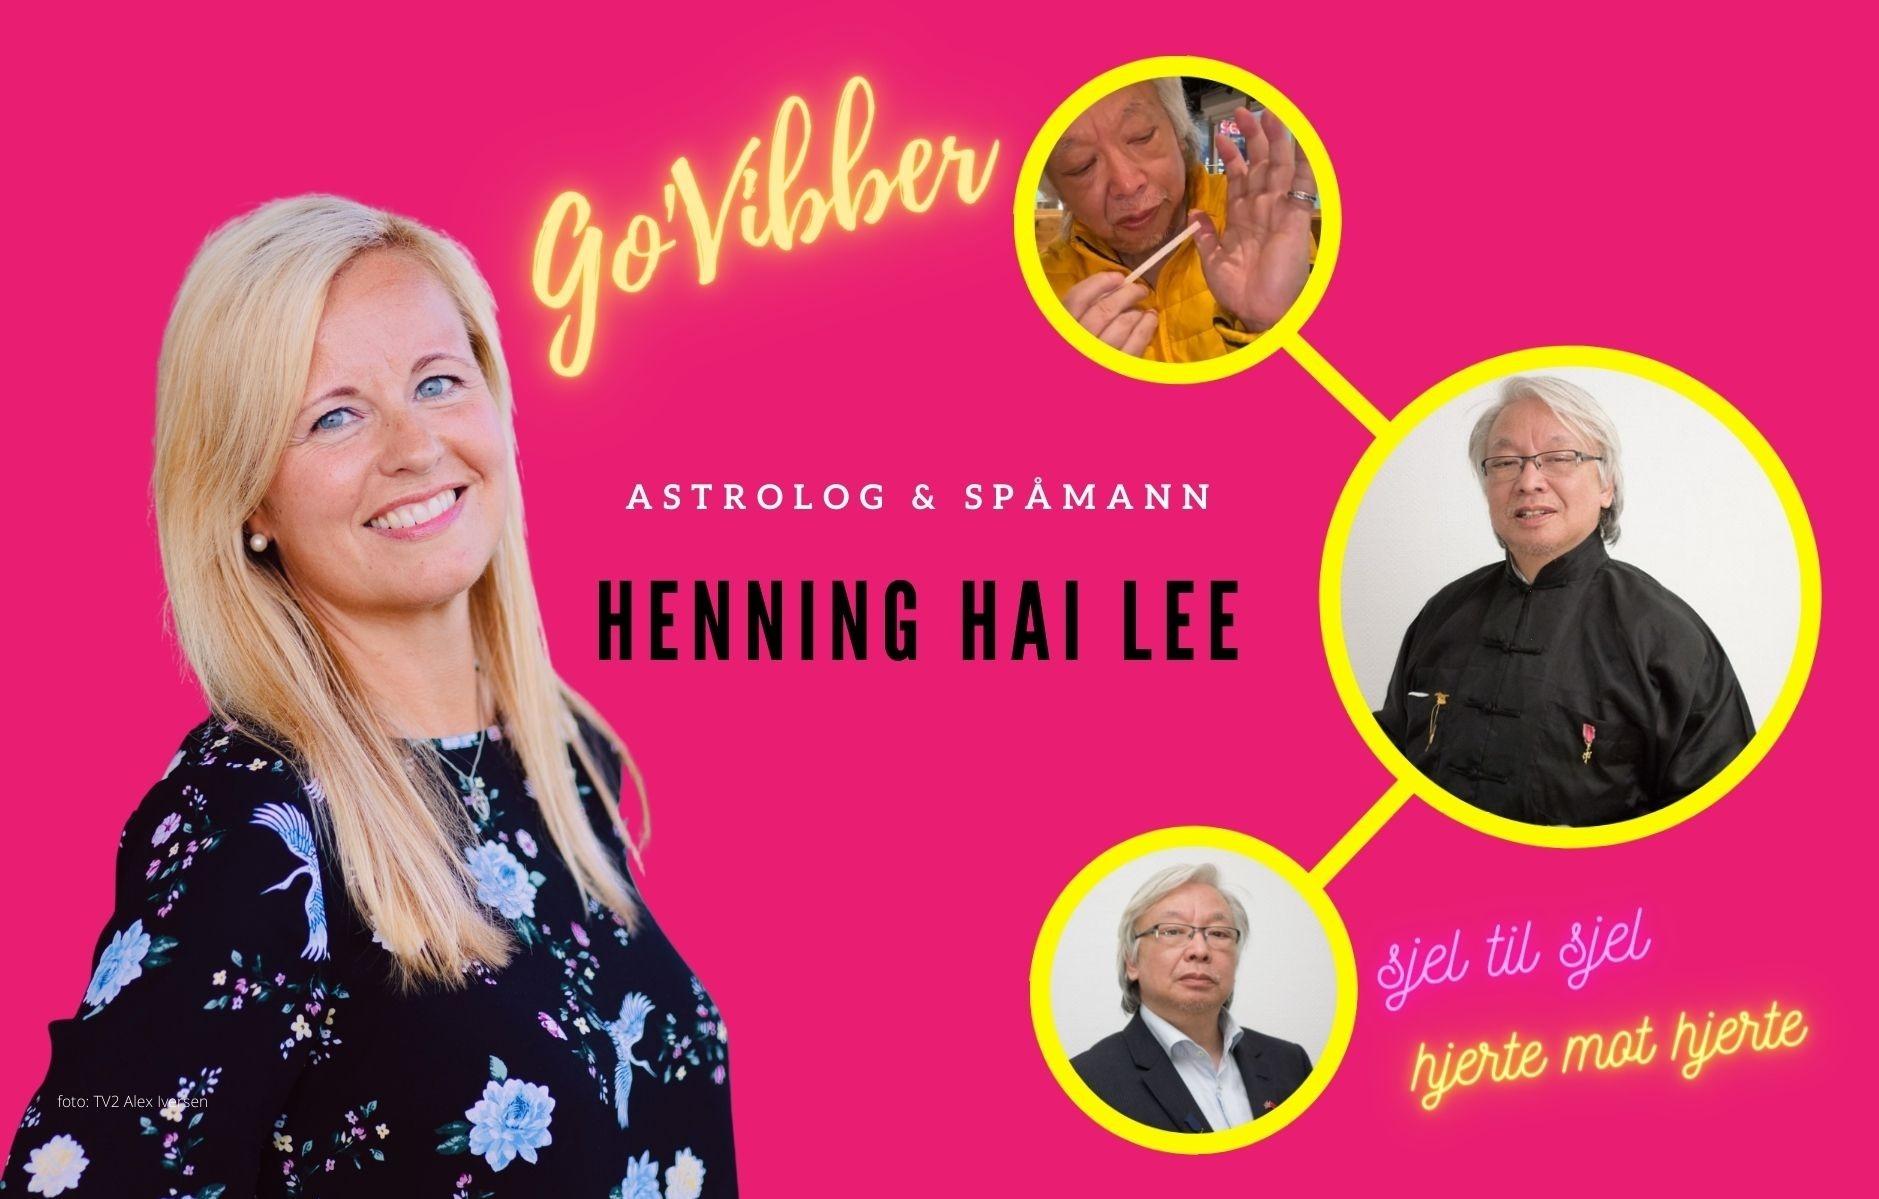 Hva sier stjernene om Norges spåmann Henning Hai Lee?